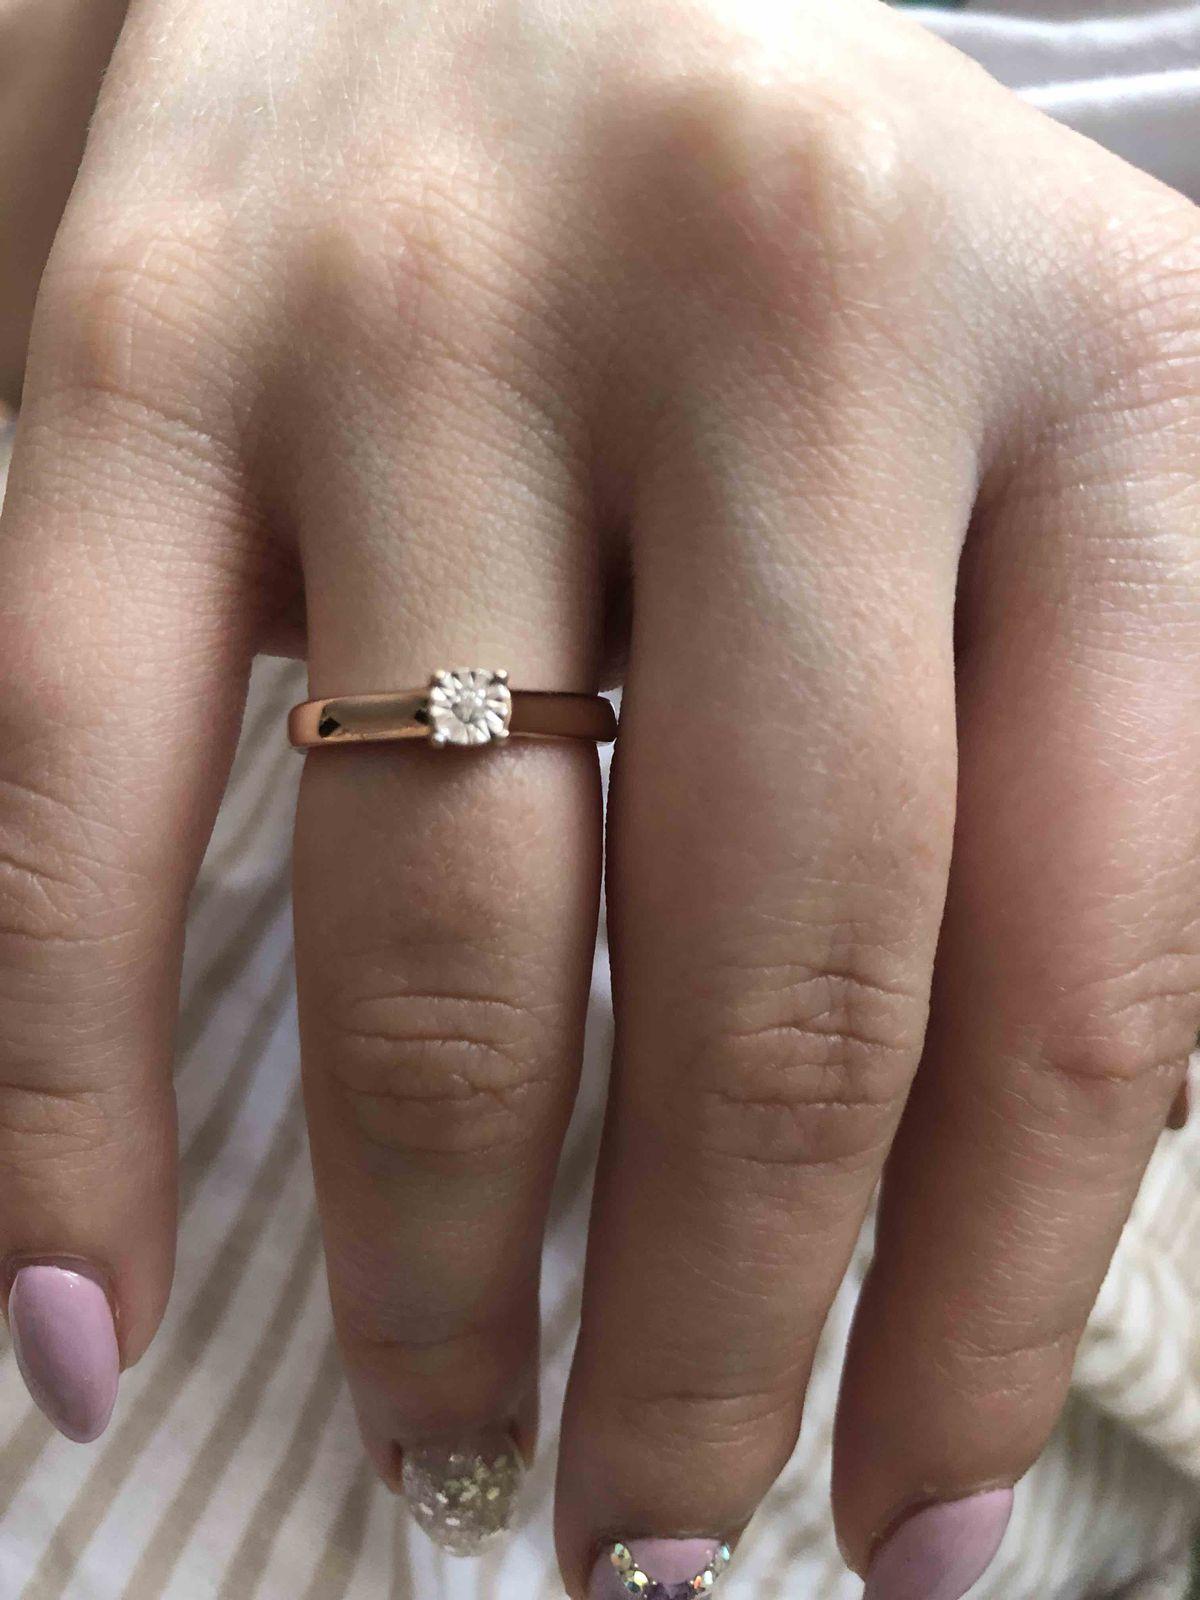 Кольцо что бы сделать предложение своей девушке, ответ был да